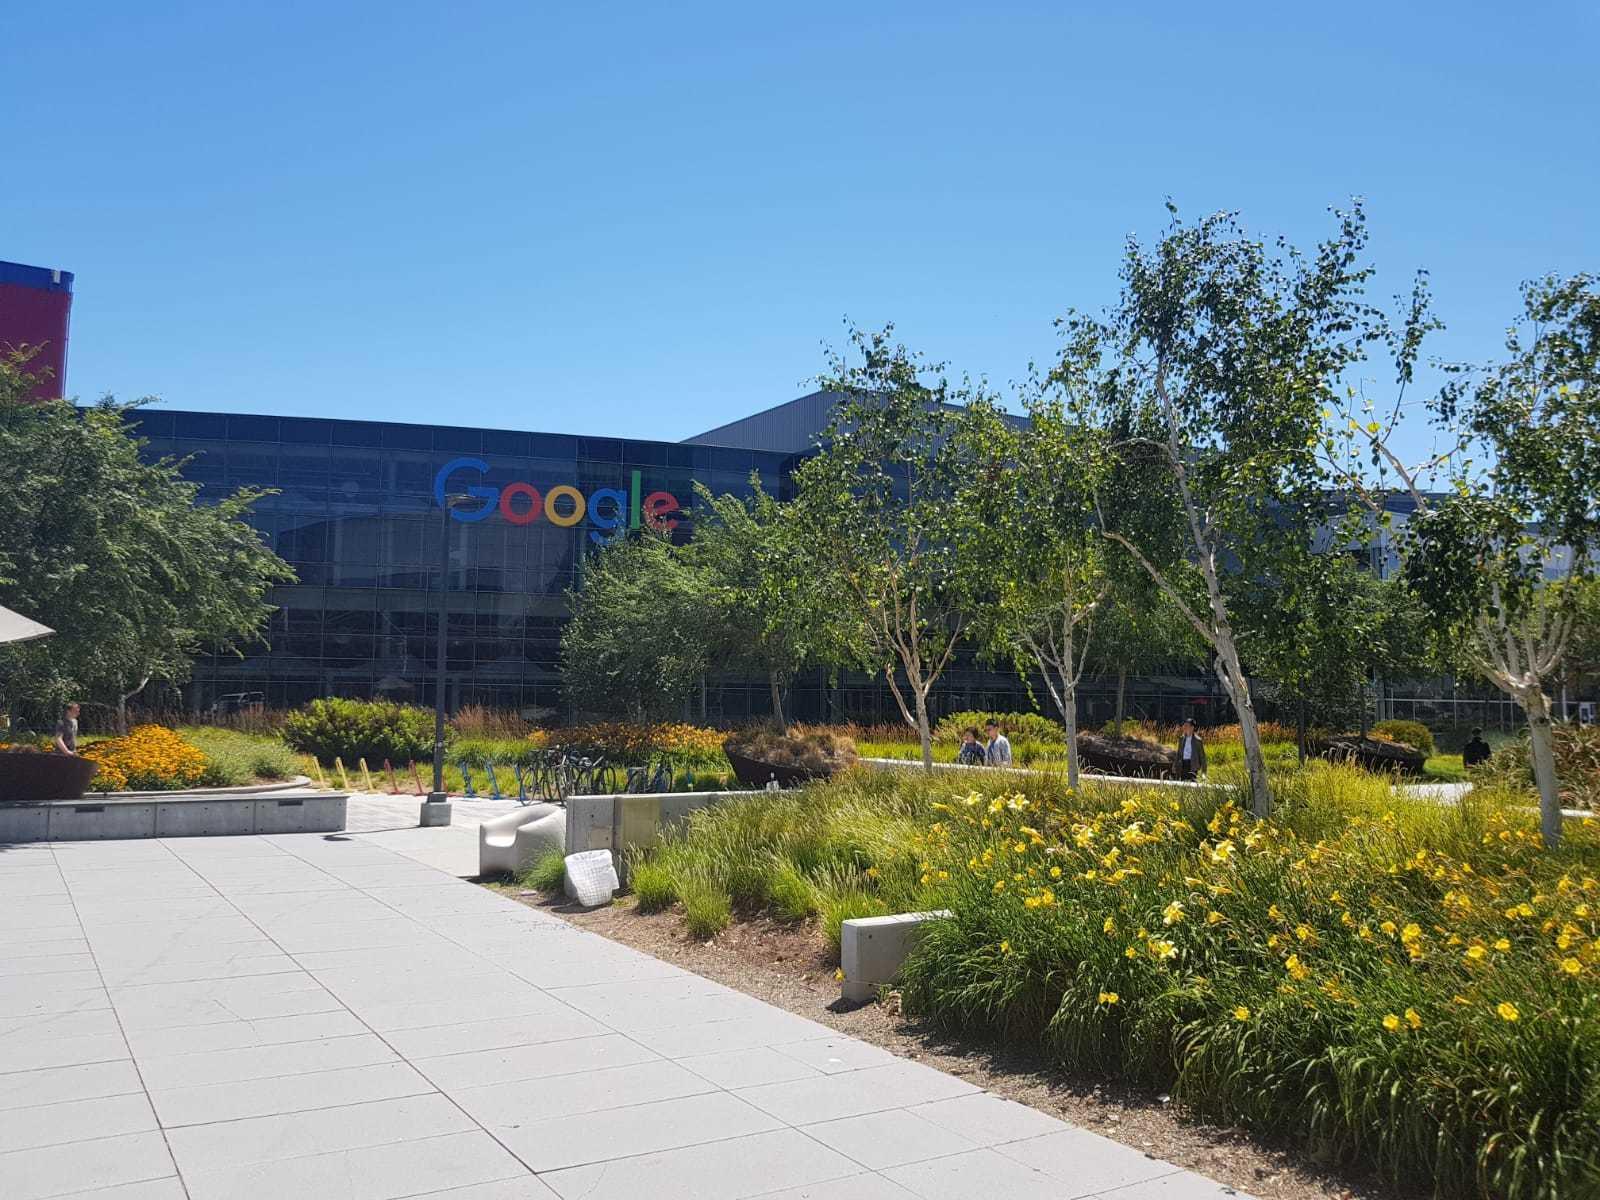 Googleplex hoofdgebouw